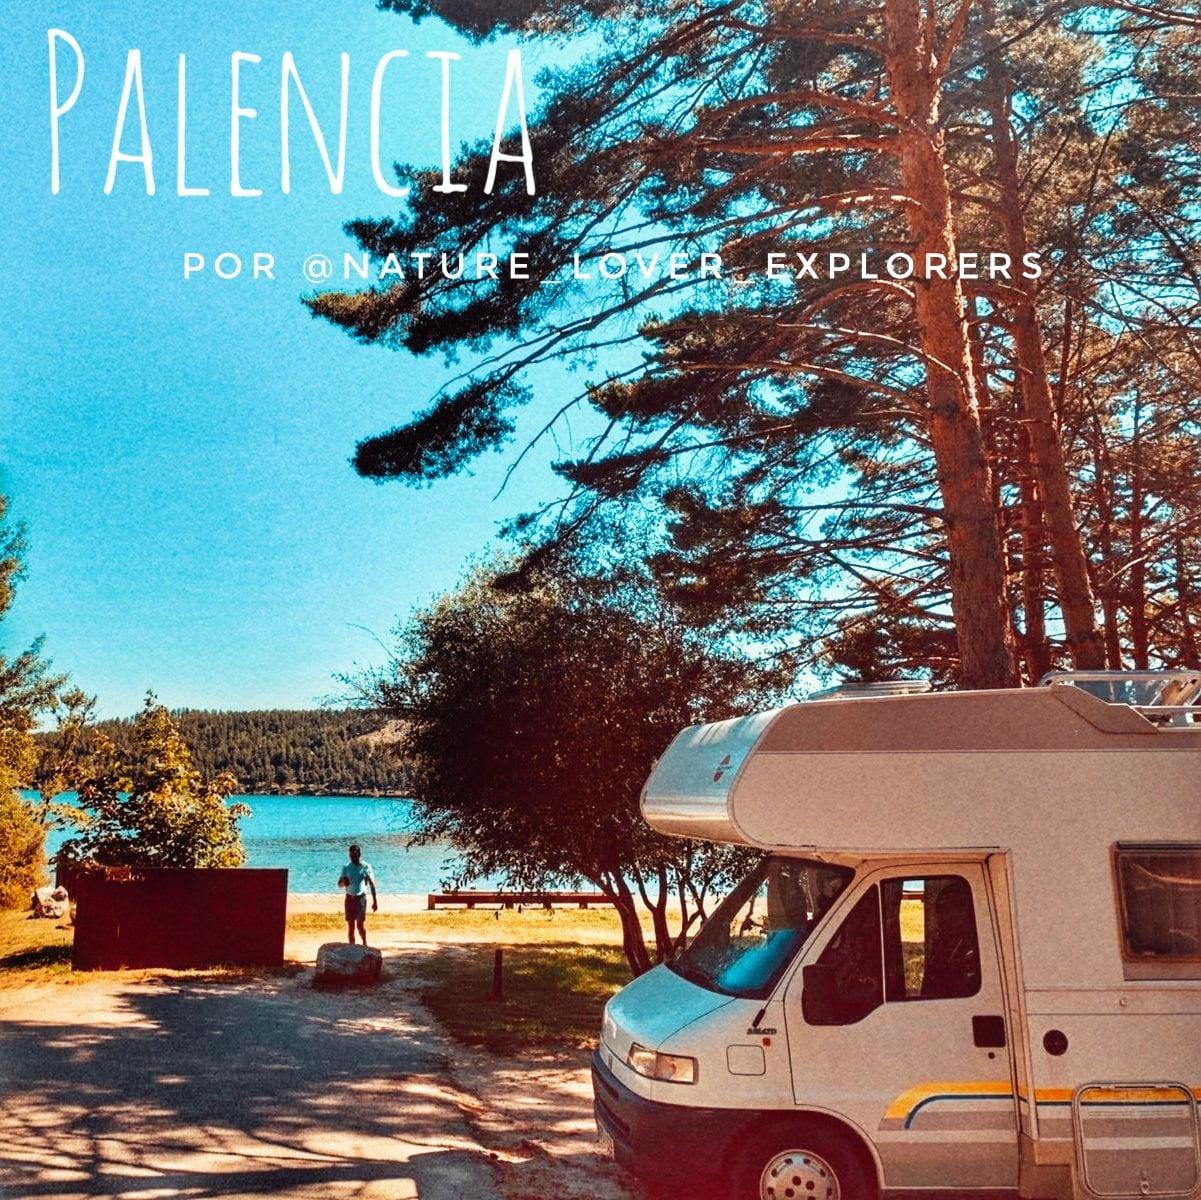 Palencia en camping-car entre les eaux par @nature_lover_explorers